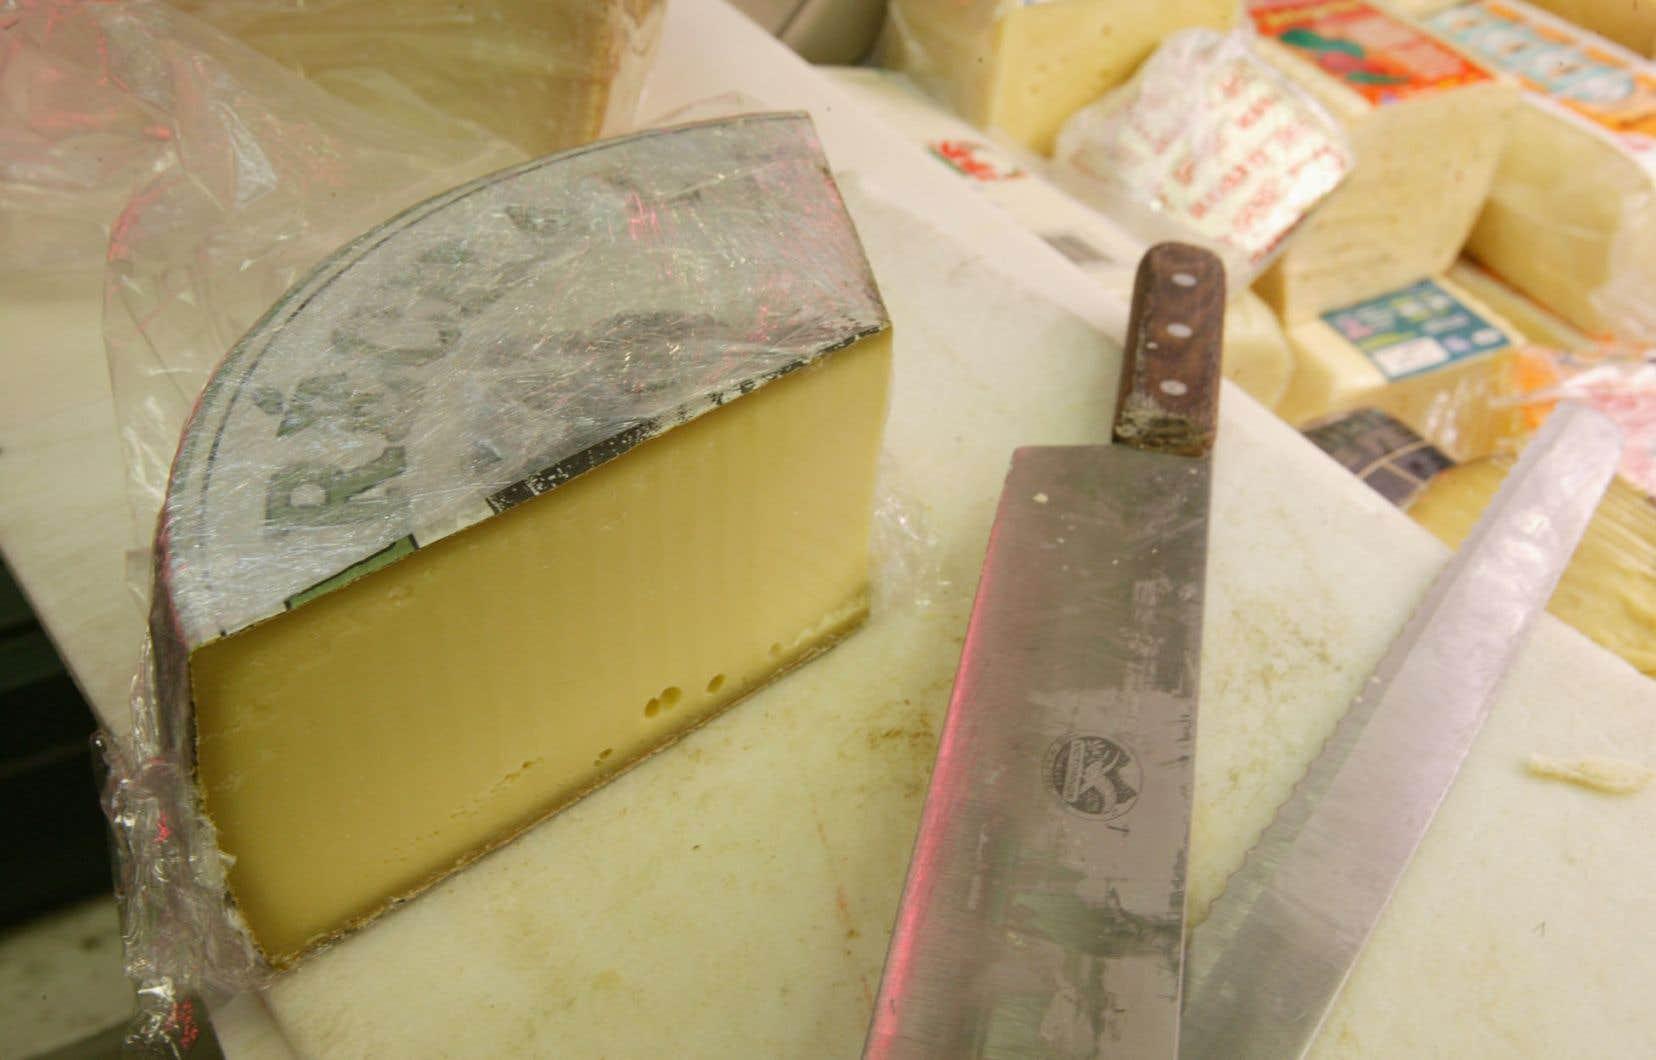 Des fromagers du Québec s'inquiètent des conséquences négatives pour eux de l'accord de libre-échange conclu entre le Canada et l'Union européenne.